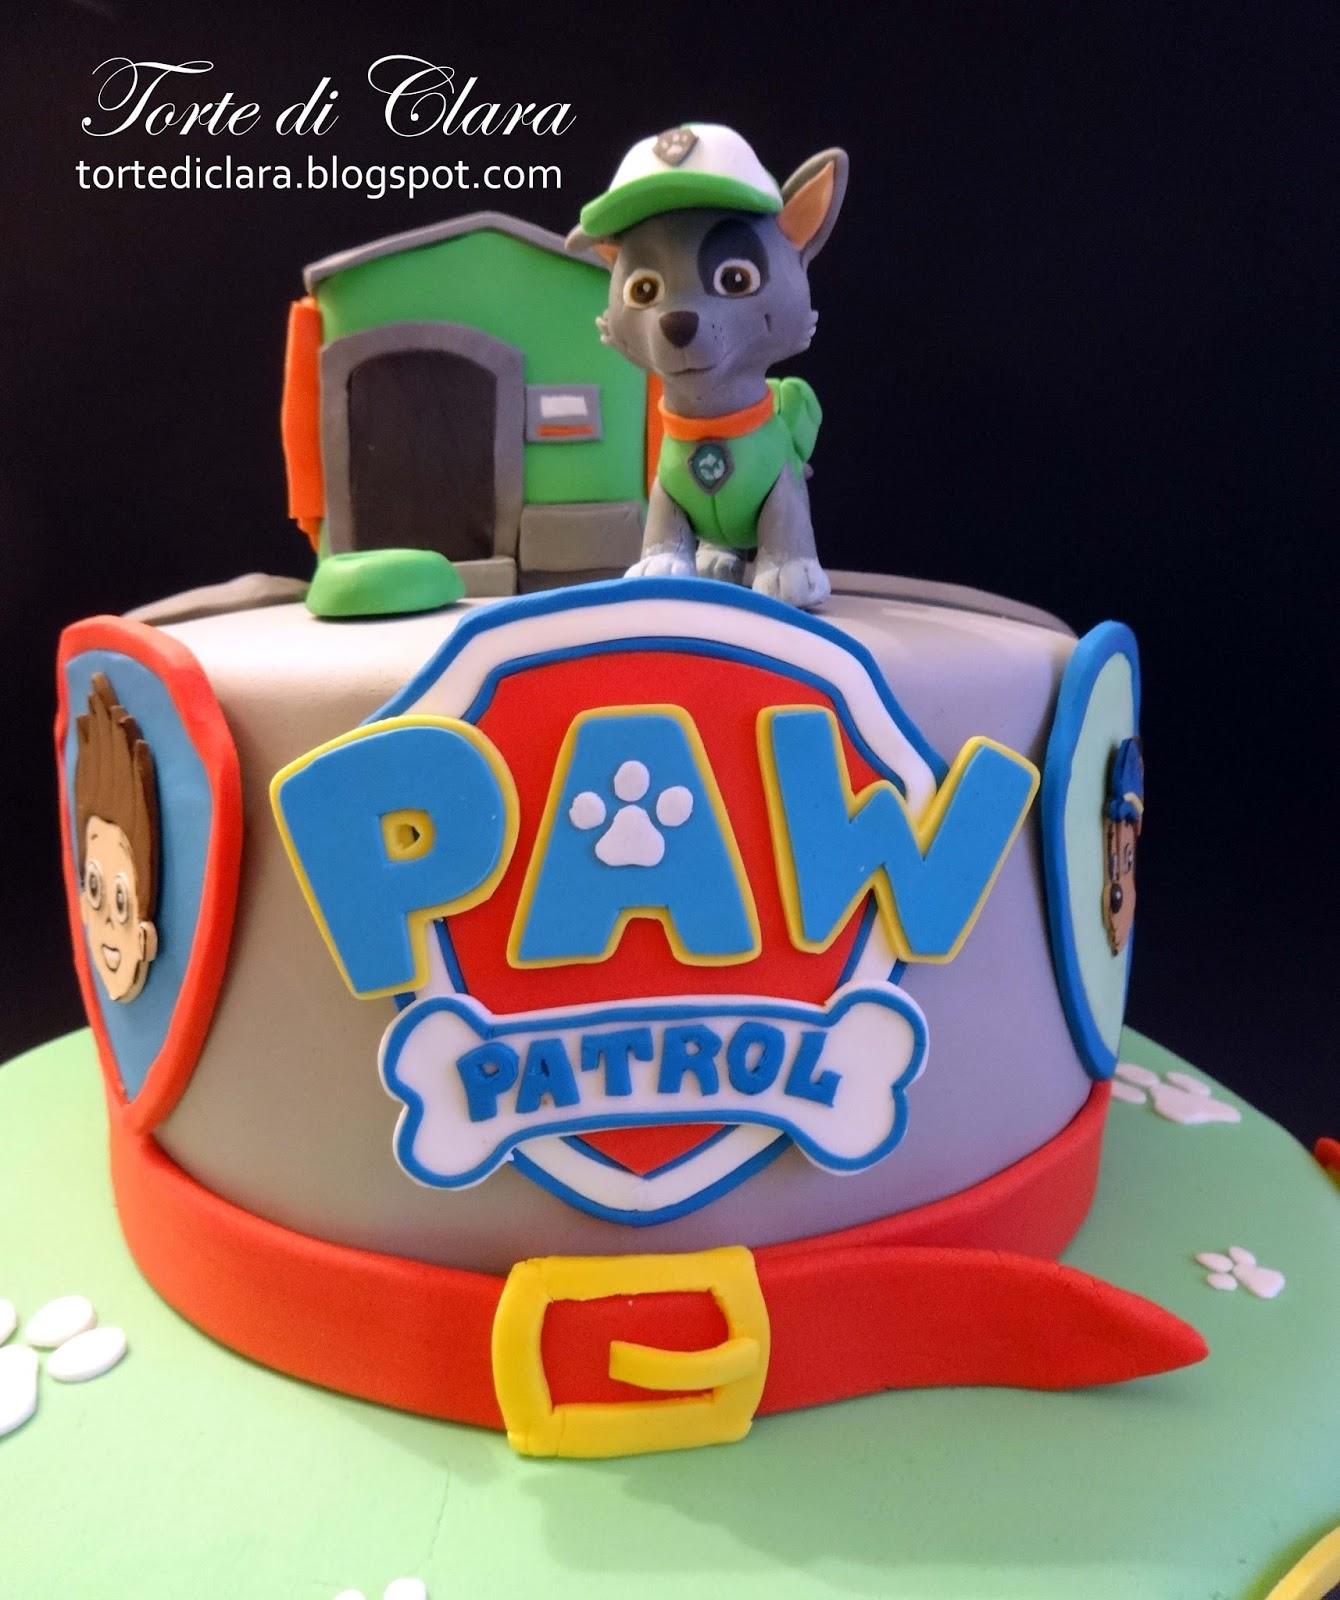 Torte Di Clara Paw Patrol Cake